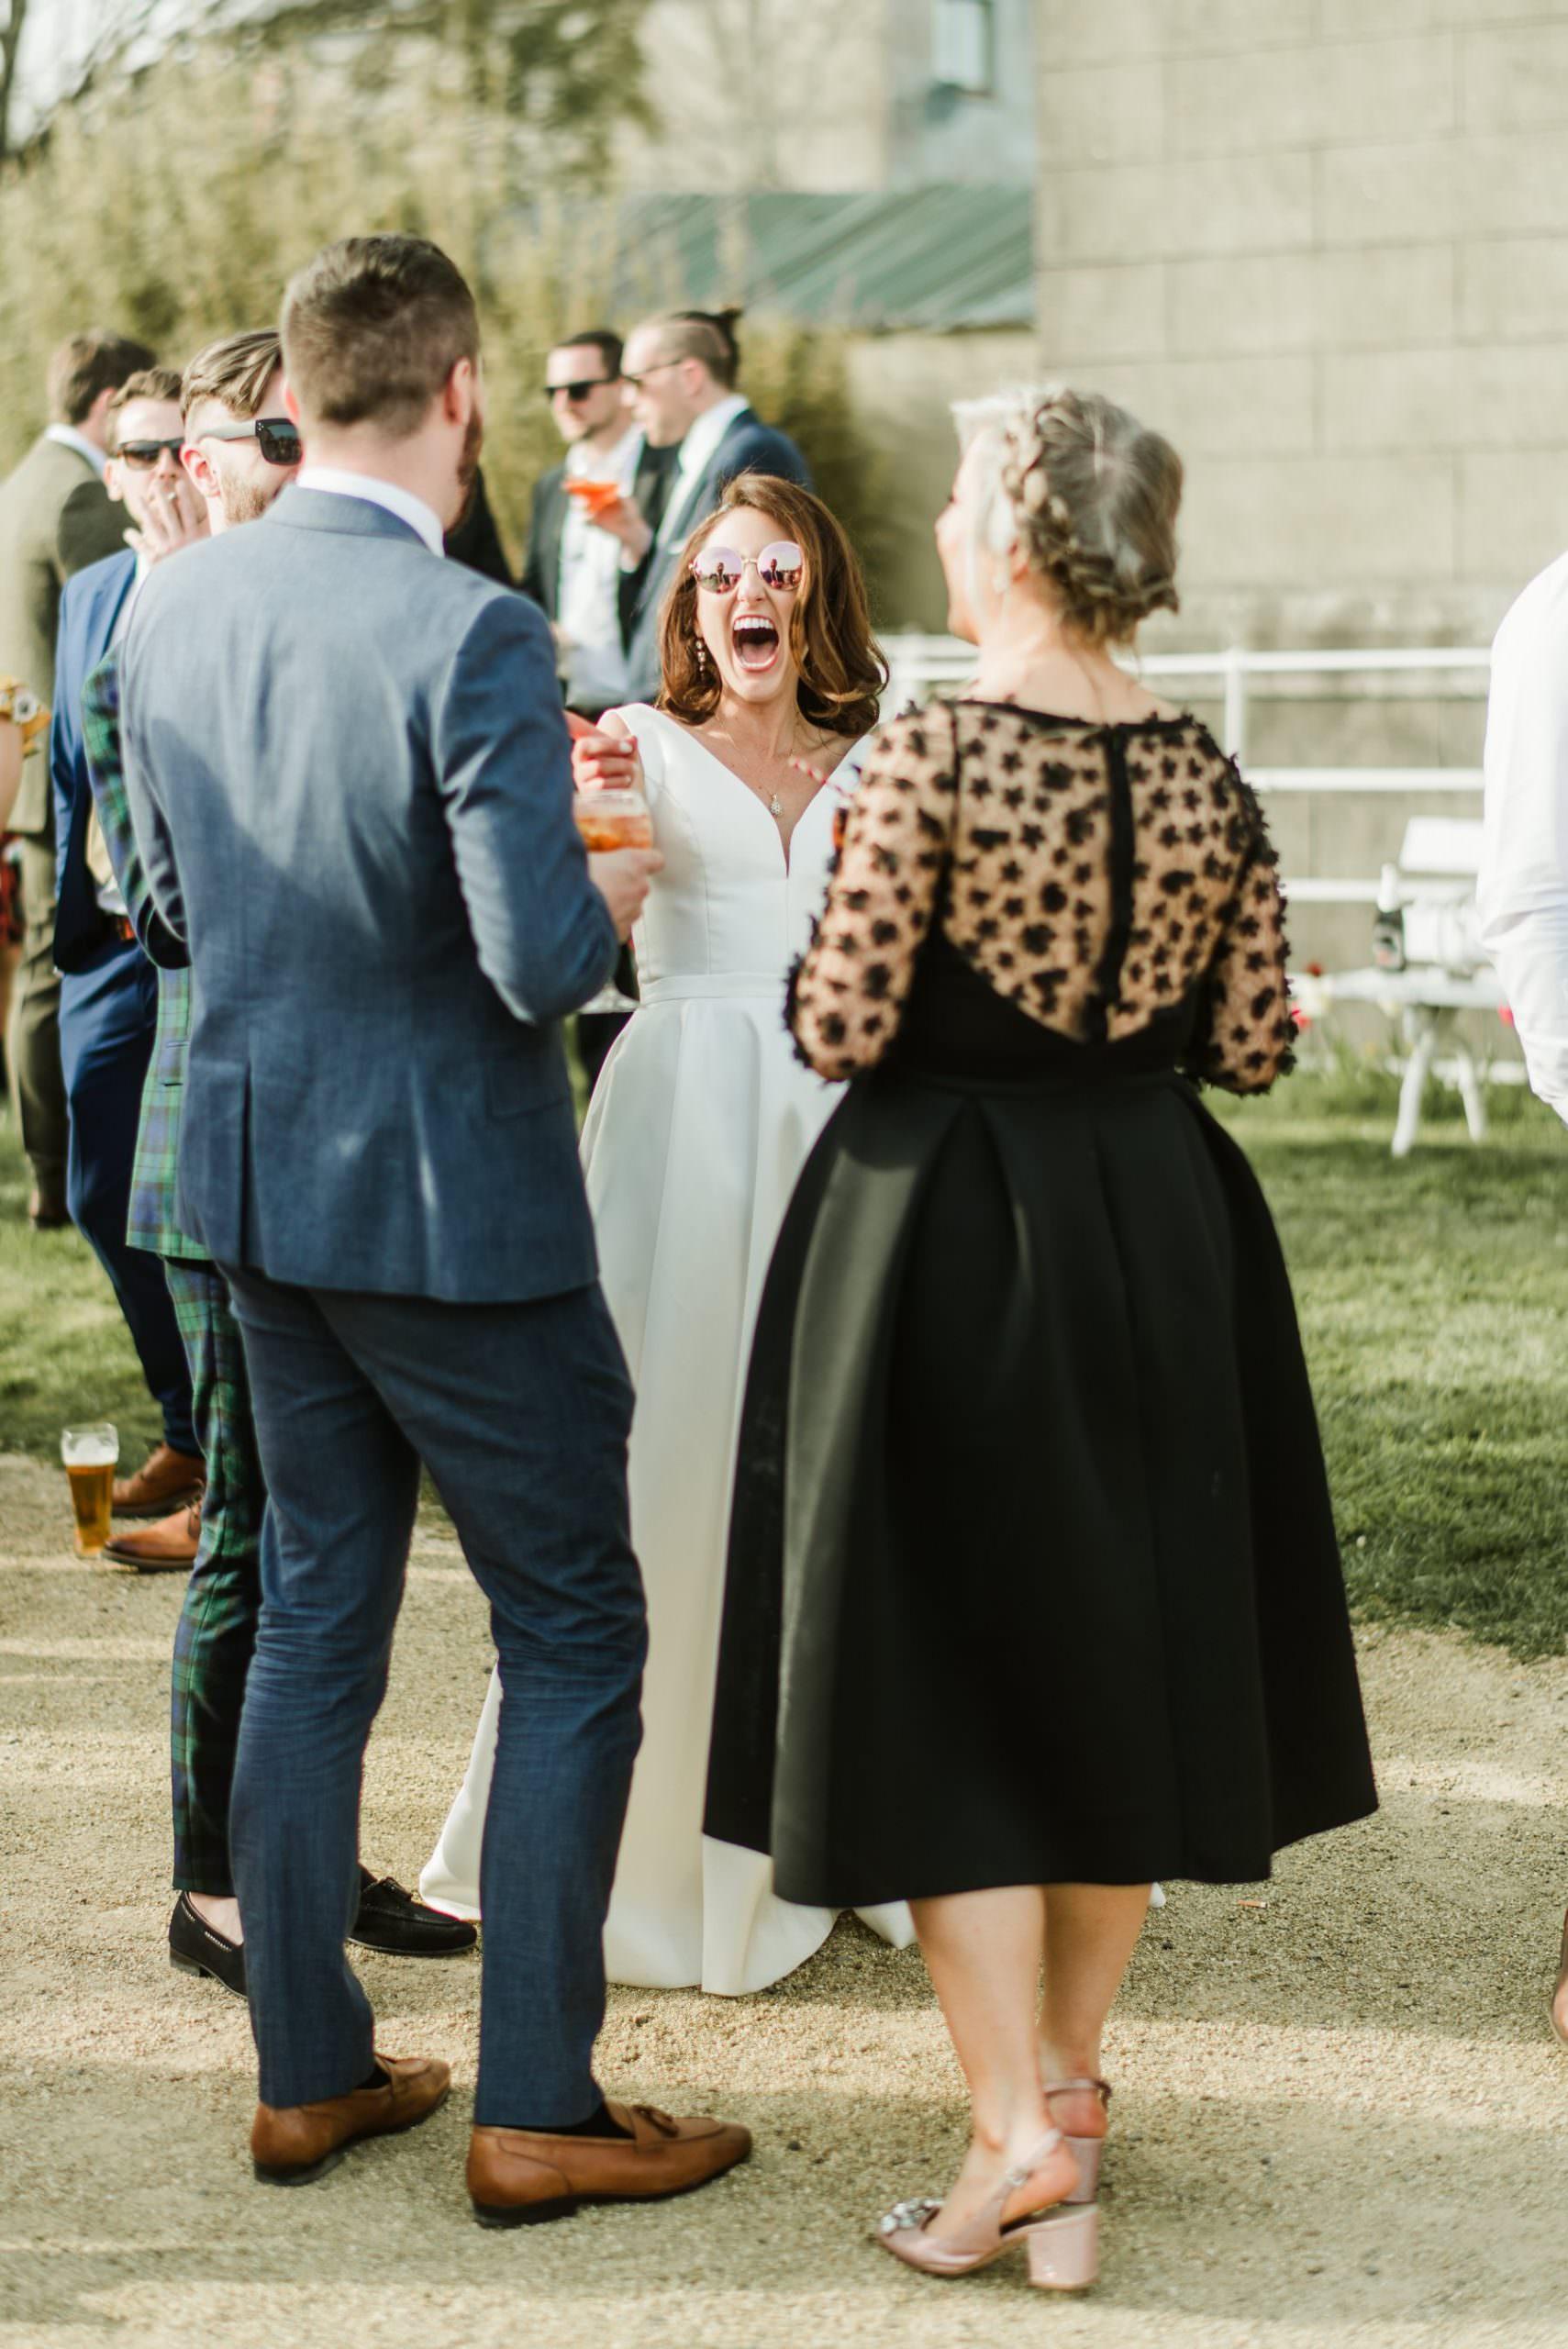 Horetown House Wedding Photographs 0108 scaled